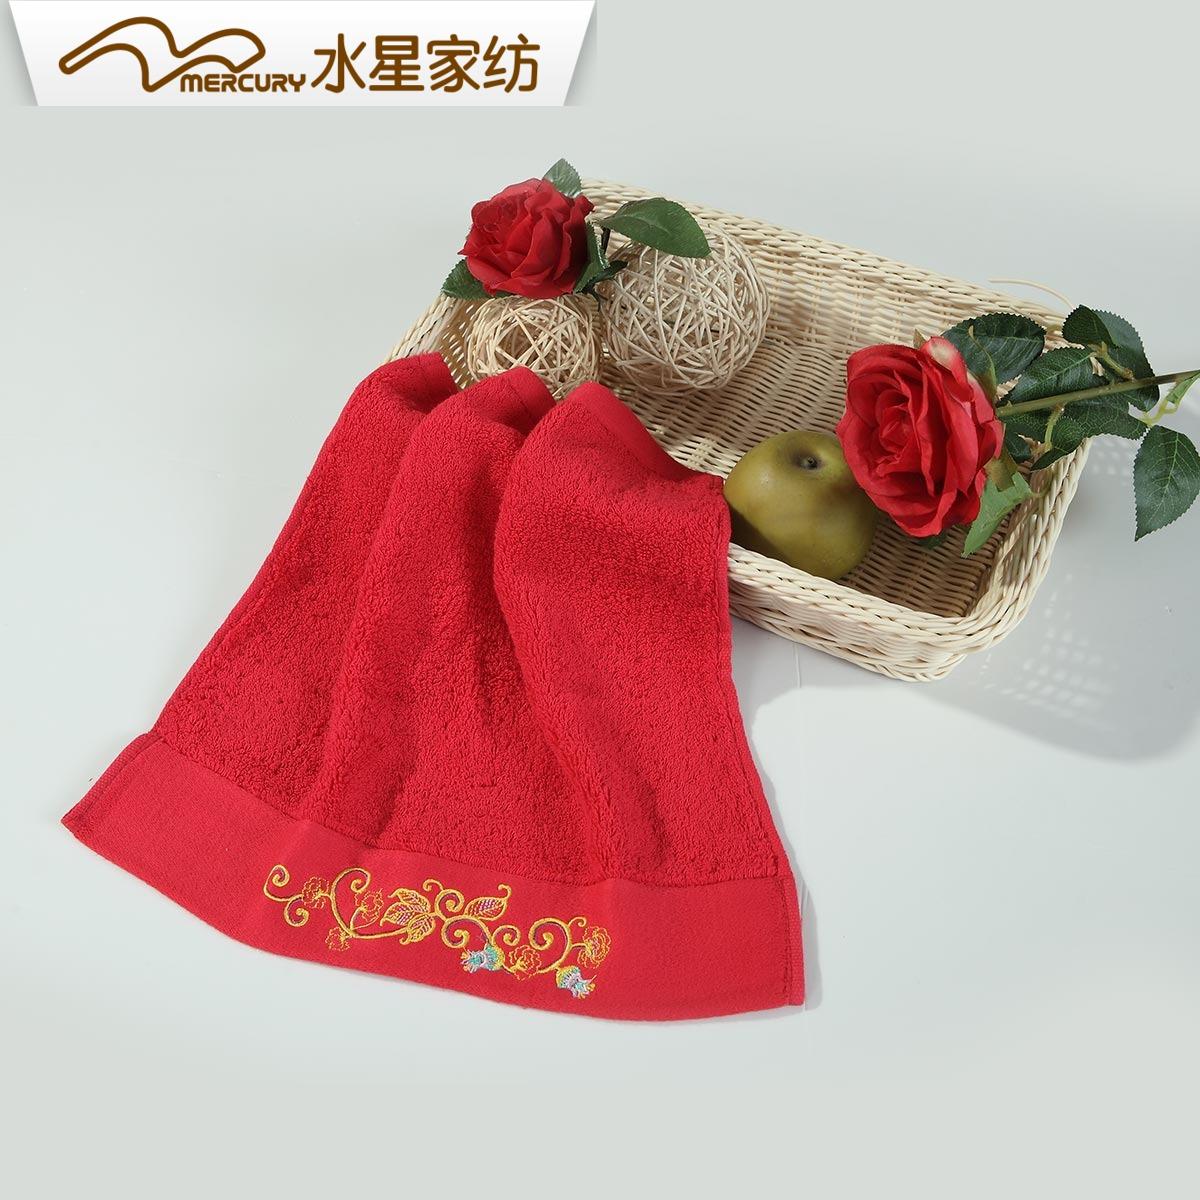 Цвет: Свадьба-удачи косынка